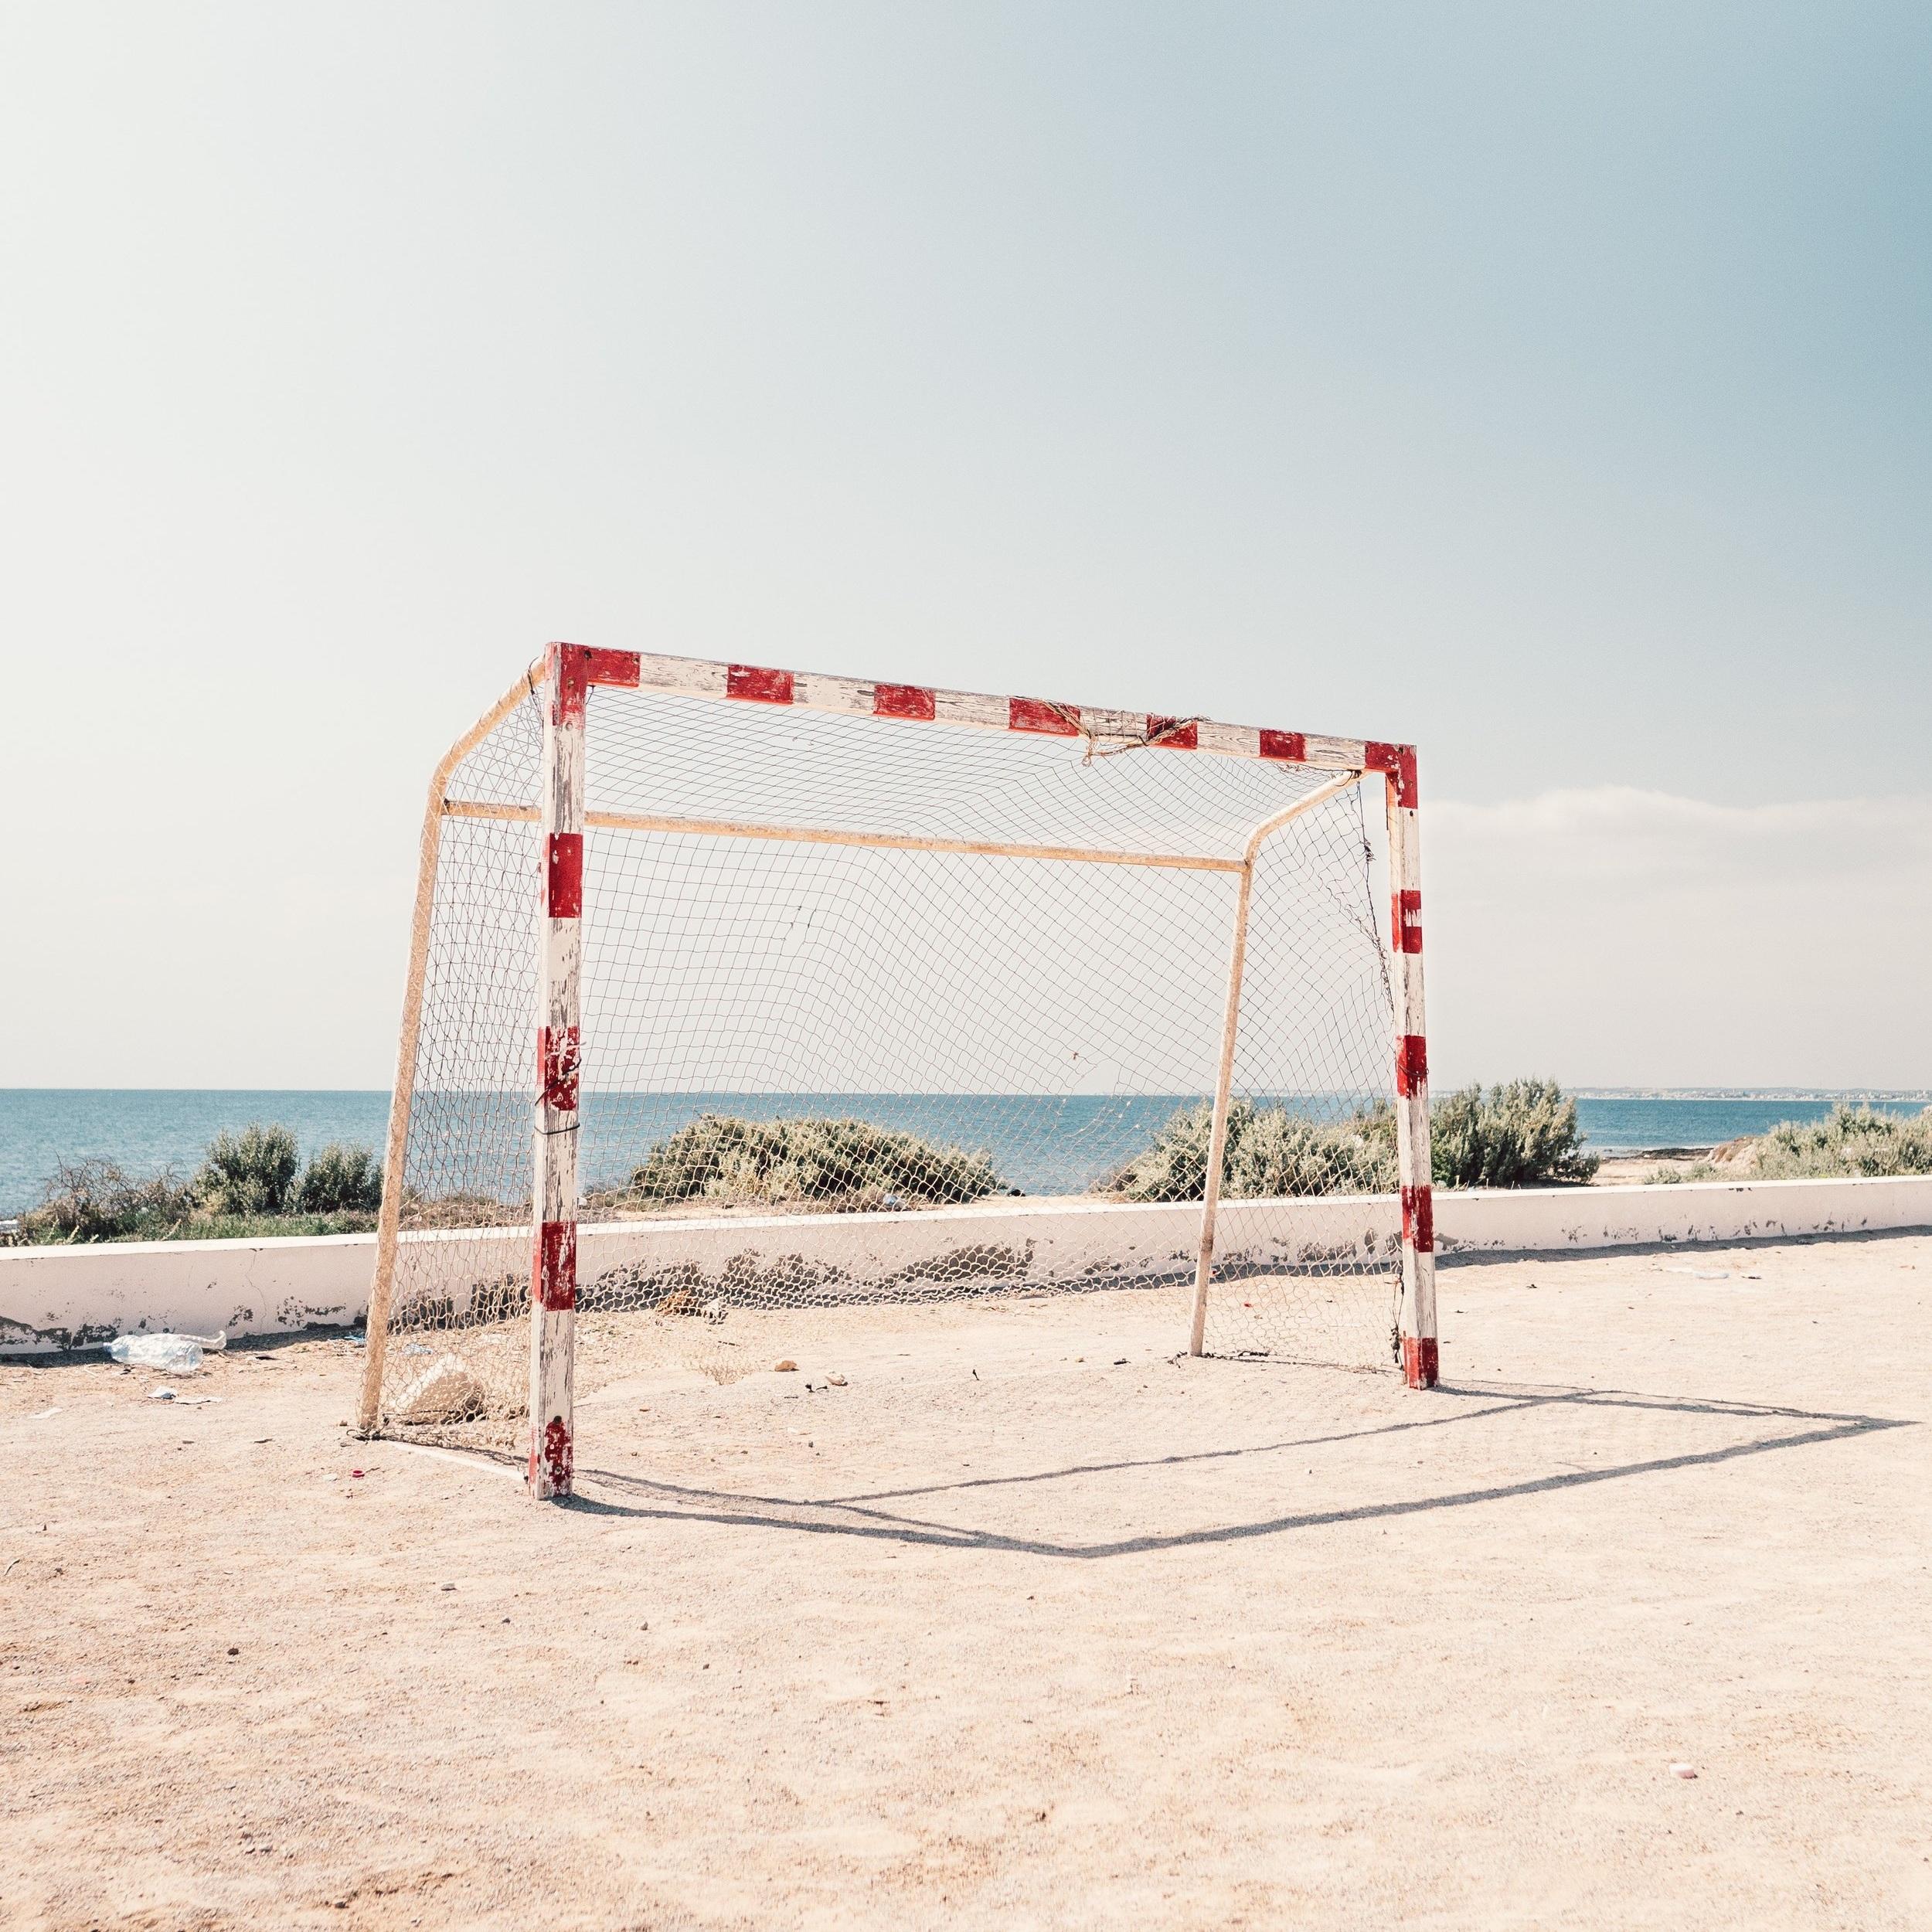 goal-net-soccer-goal-1387552.jpg